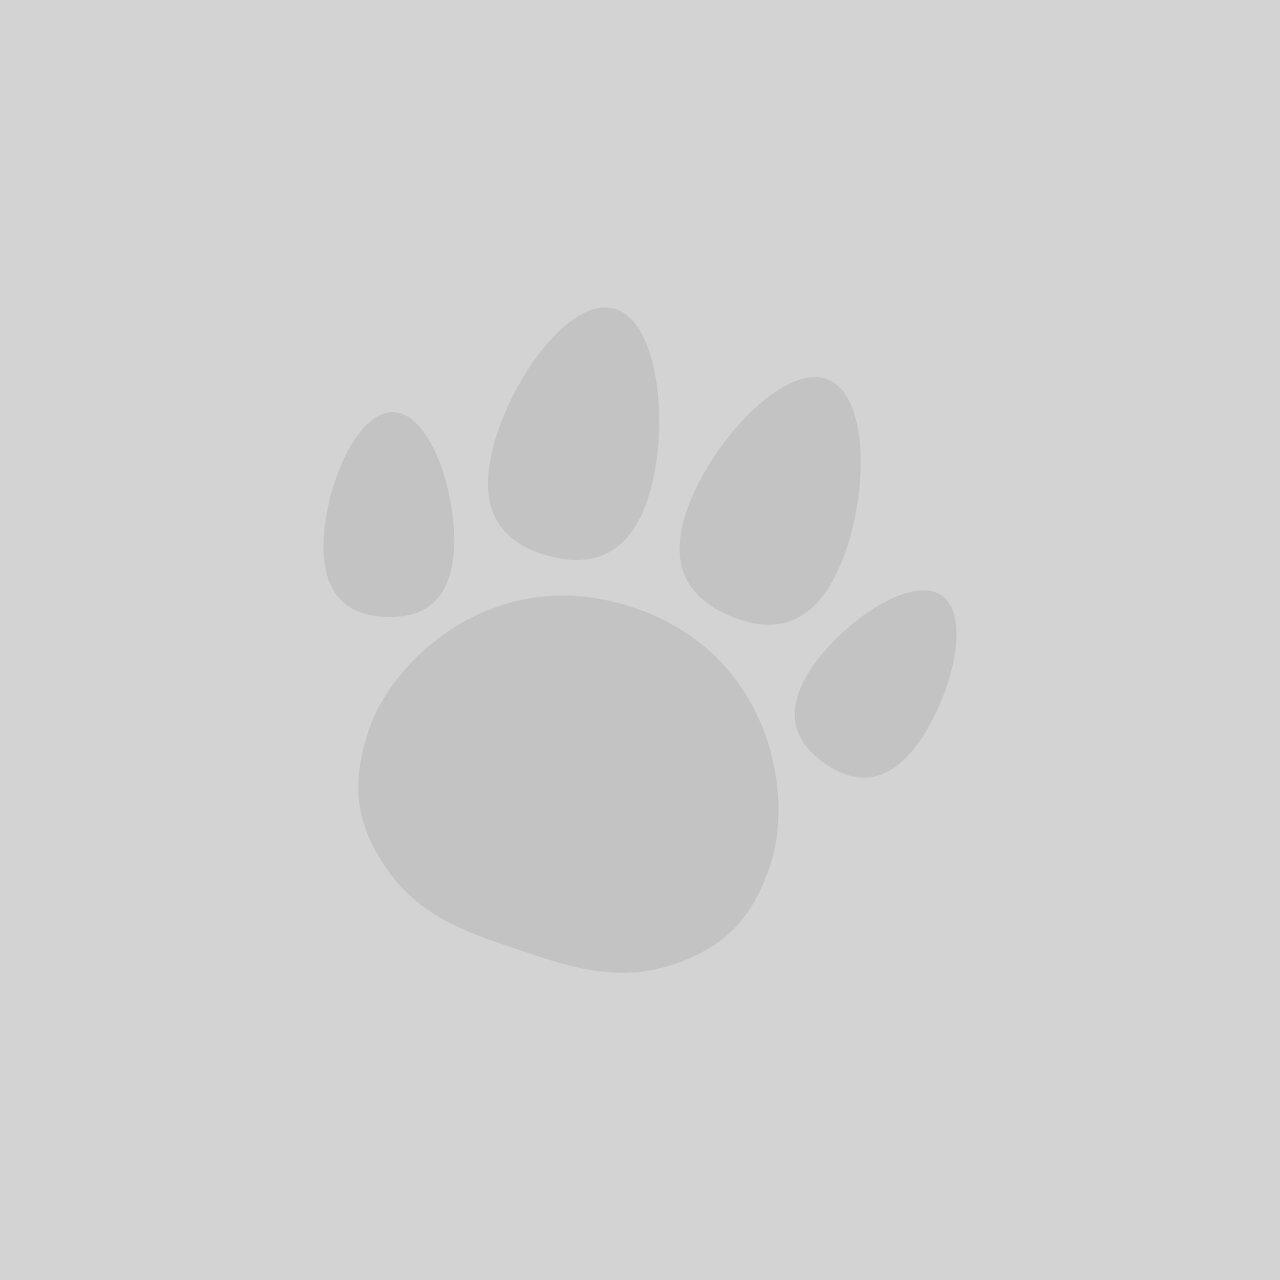 Webbox Cats Delight Tasty Sticks Chicken & Liver 6 Pack